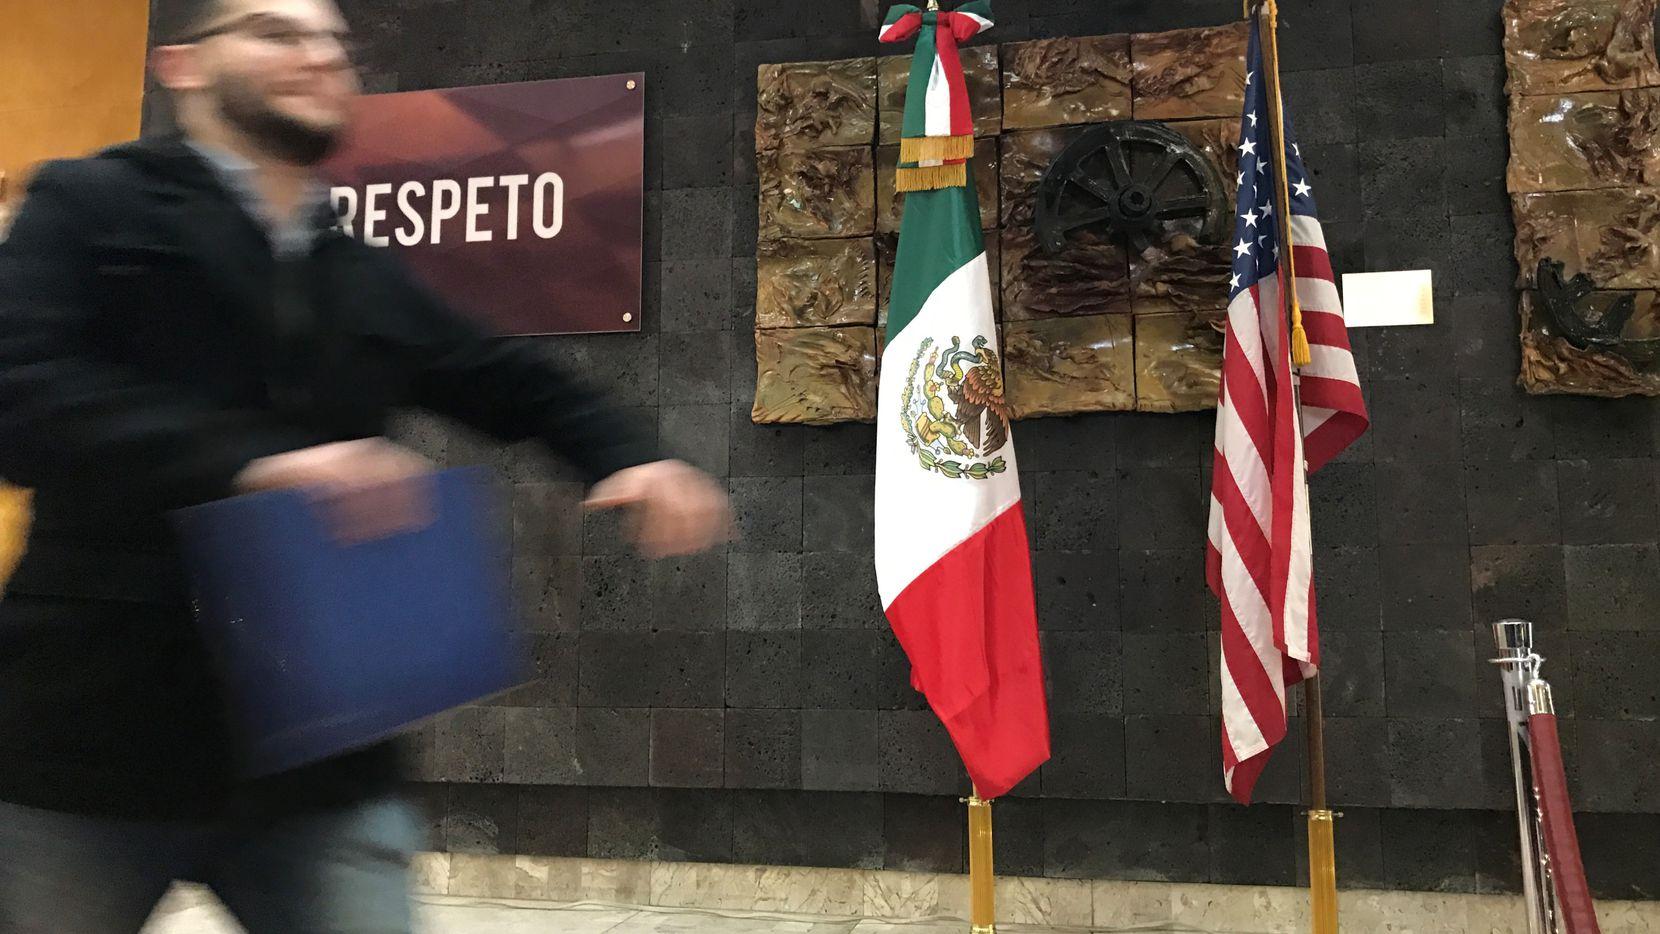 Las banderas de México y Estados Unidos en el Consulado Mexicano en El Paso, Texas. AL DIA